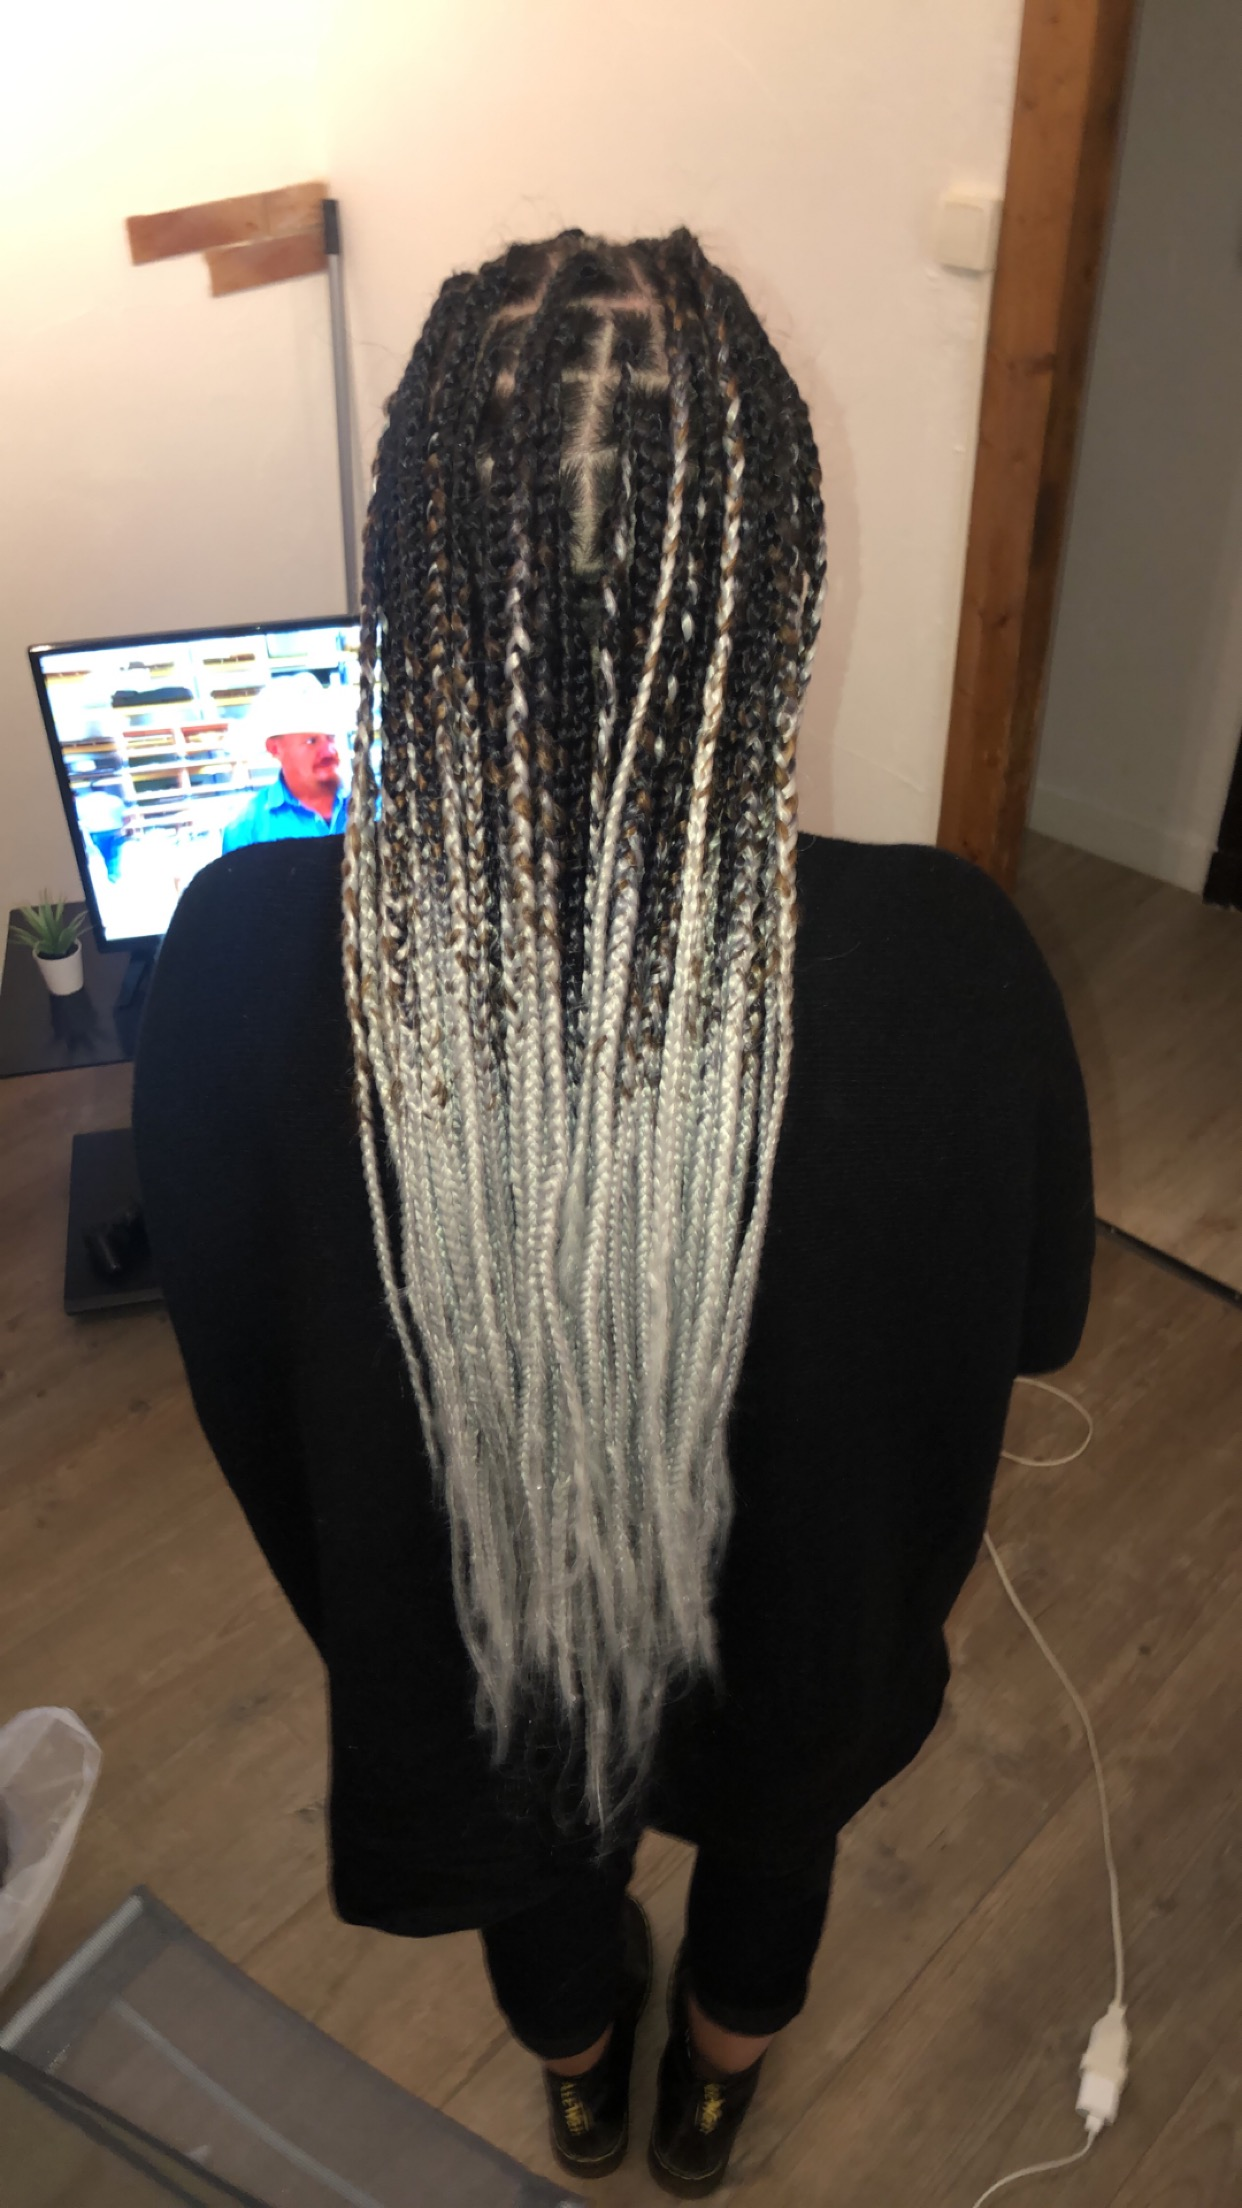 salon de coiffure afro tresse tresses box braids crochet braids vanilles tissages paris 75 77 78 91 92 93 94 95 HFBUIDBI